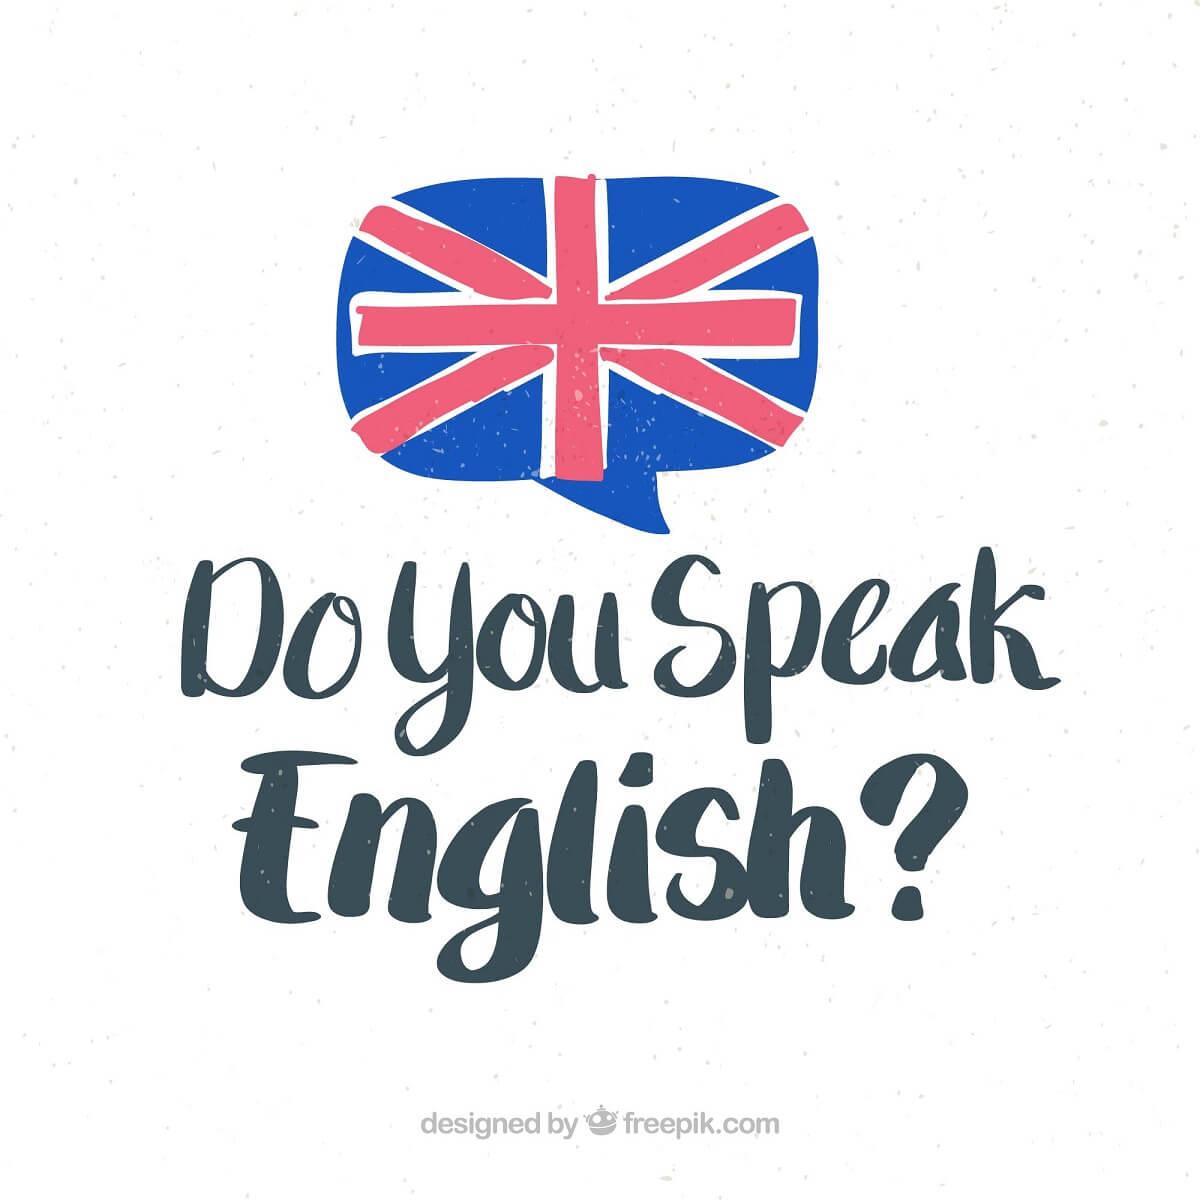 イギリスの国旗とDo you speak Englishと書かれたイラスト。